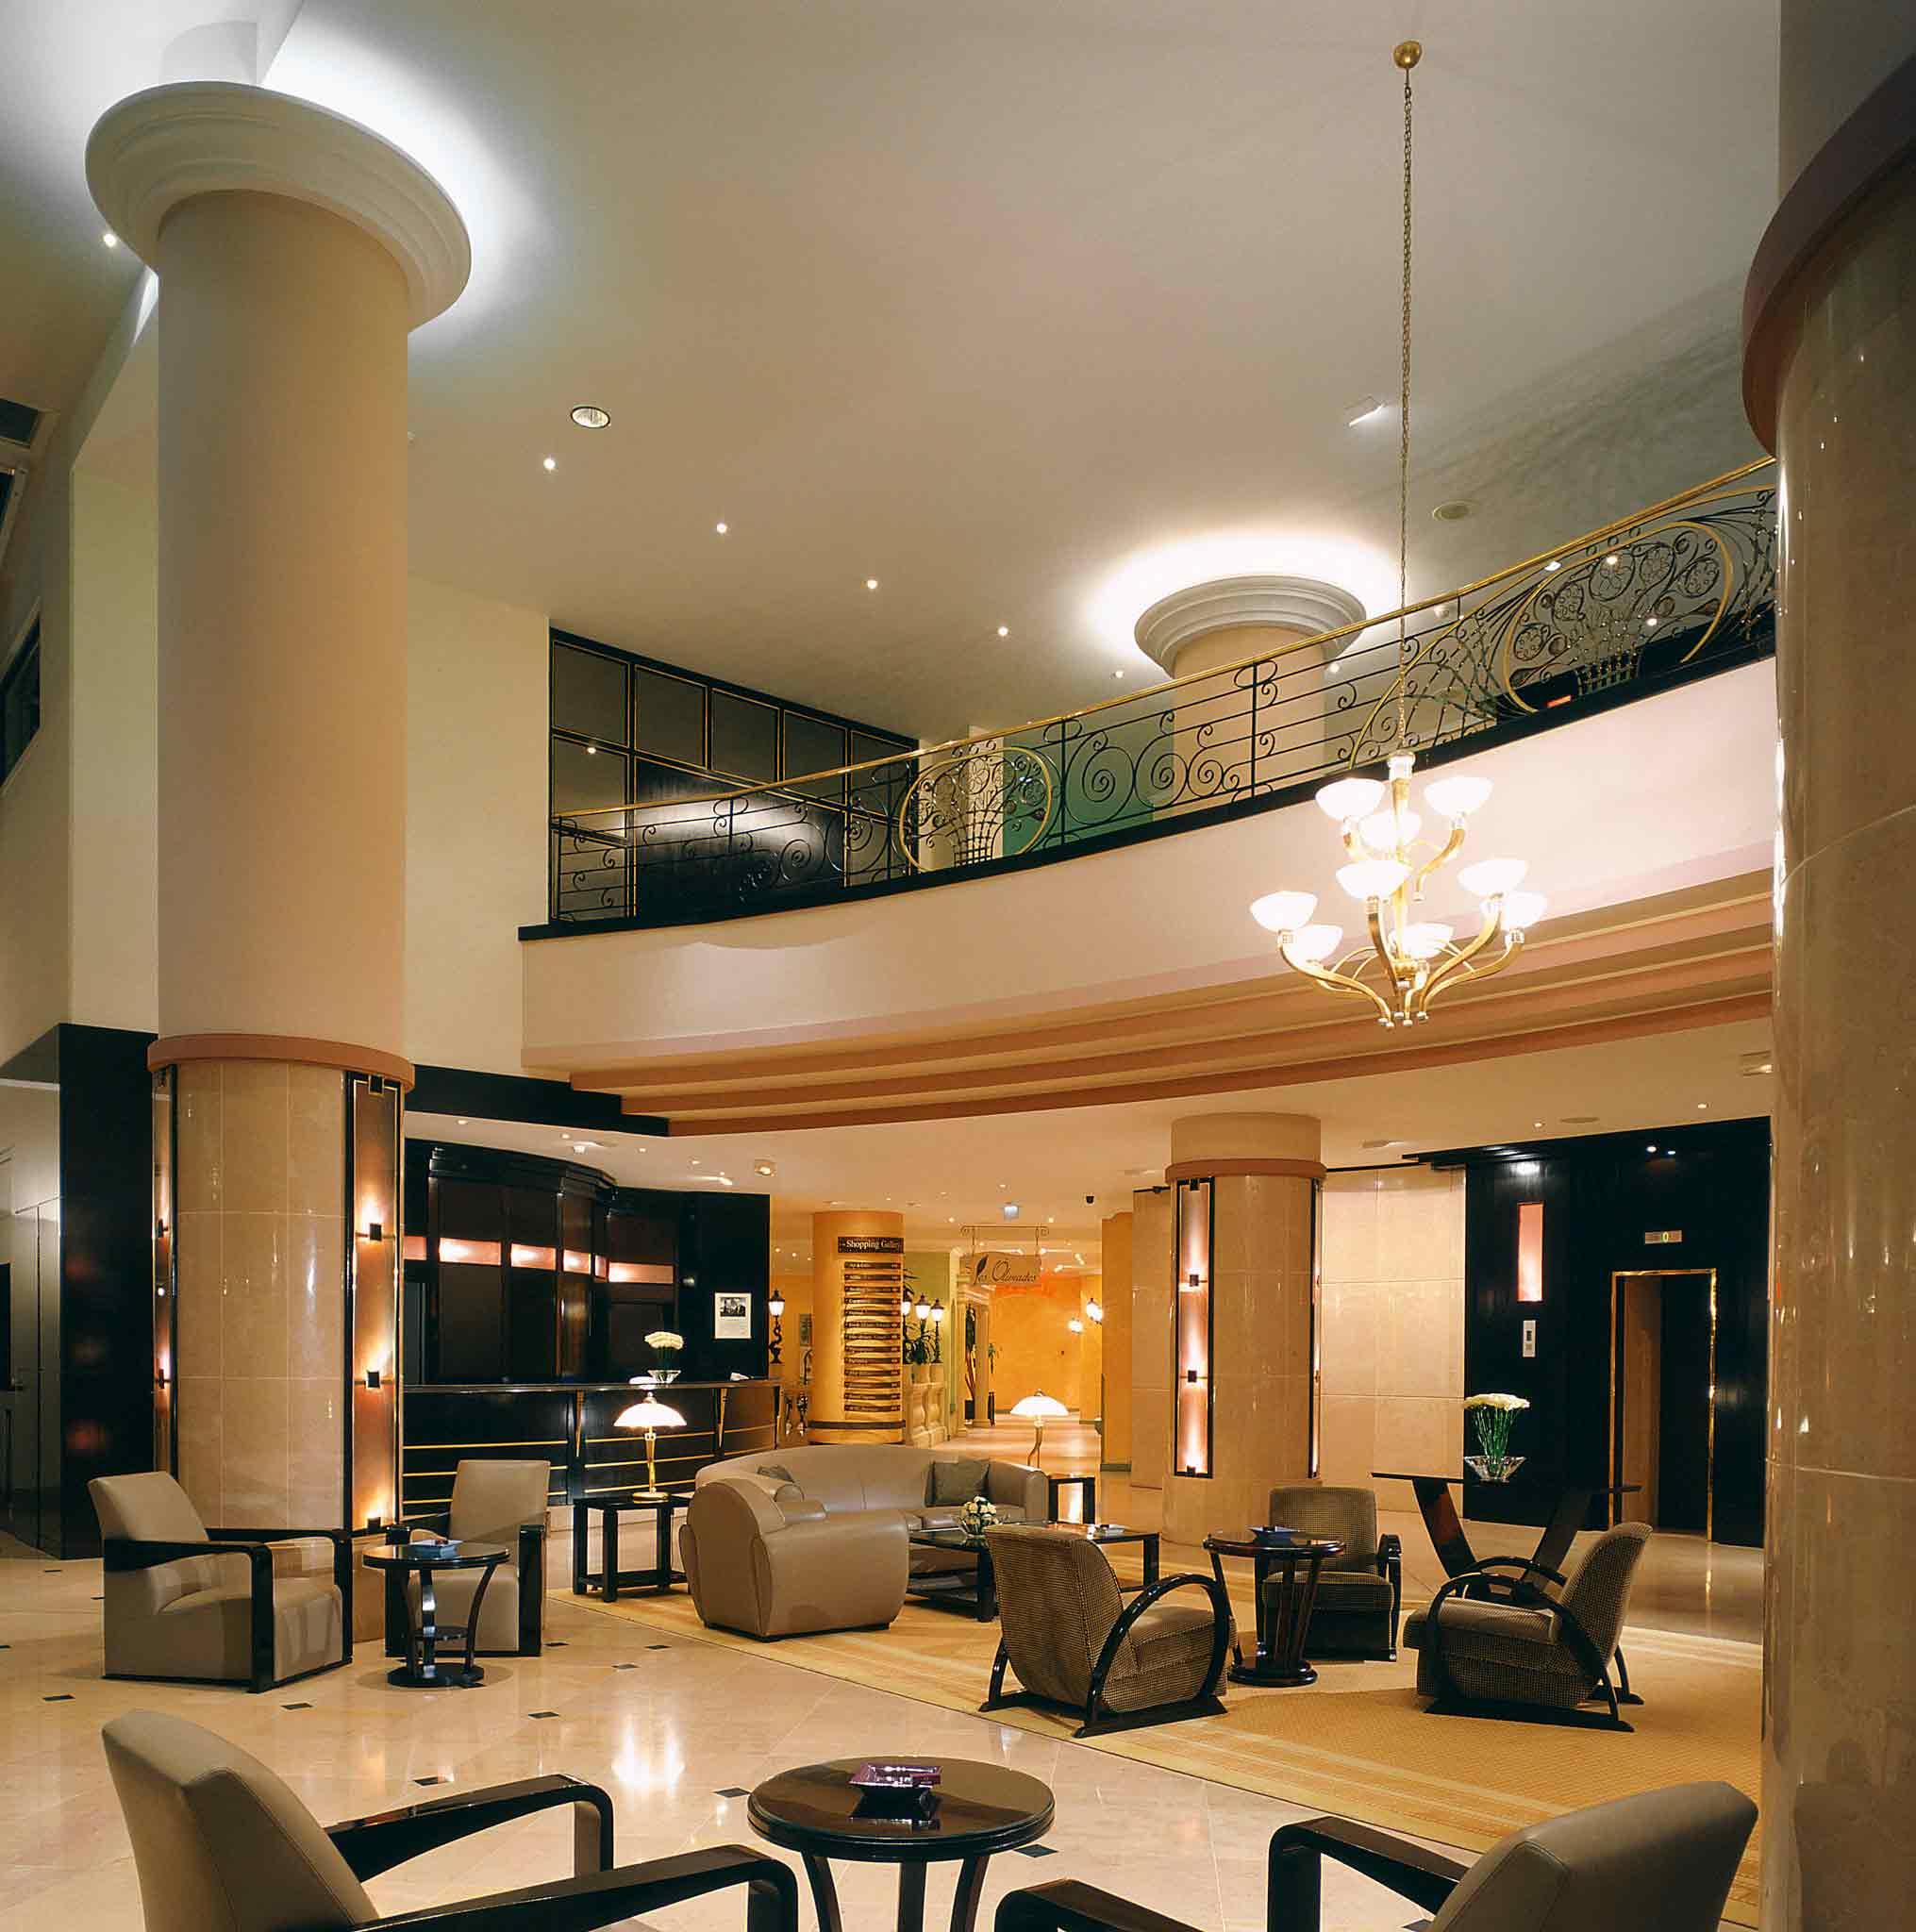 Отель — Pullman Бухарест Уорлд Трейд Центр